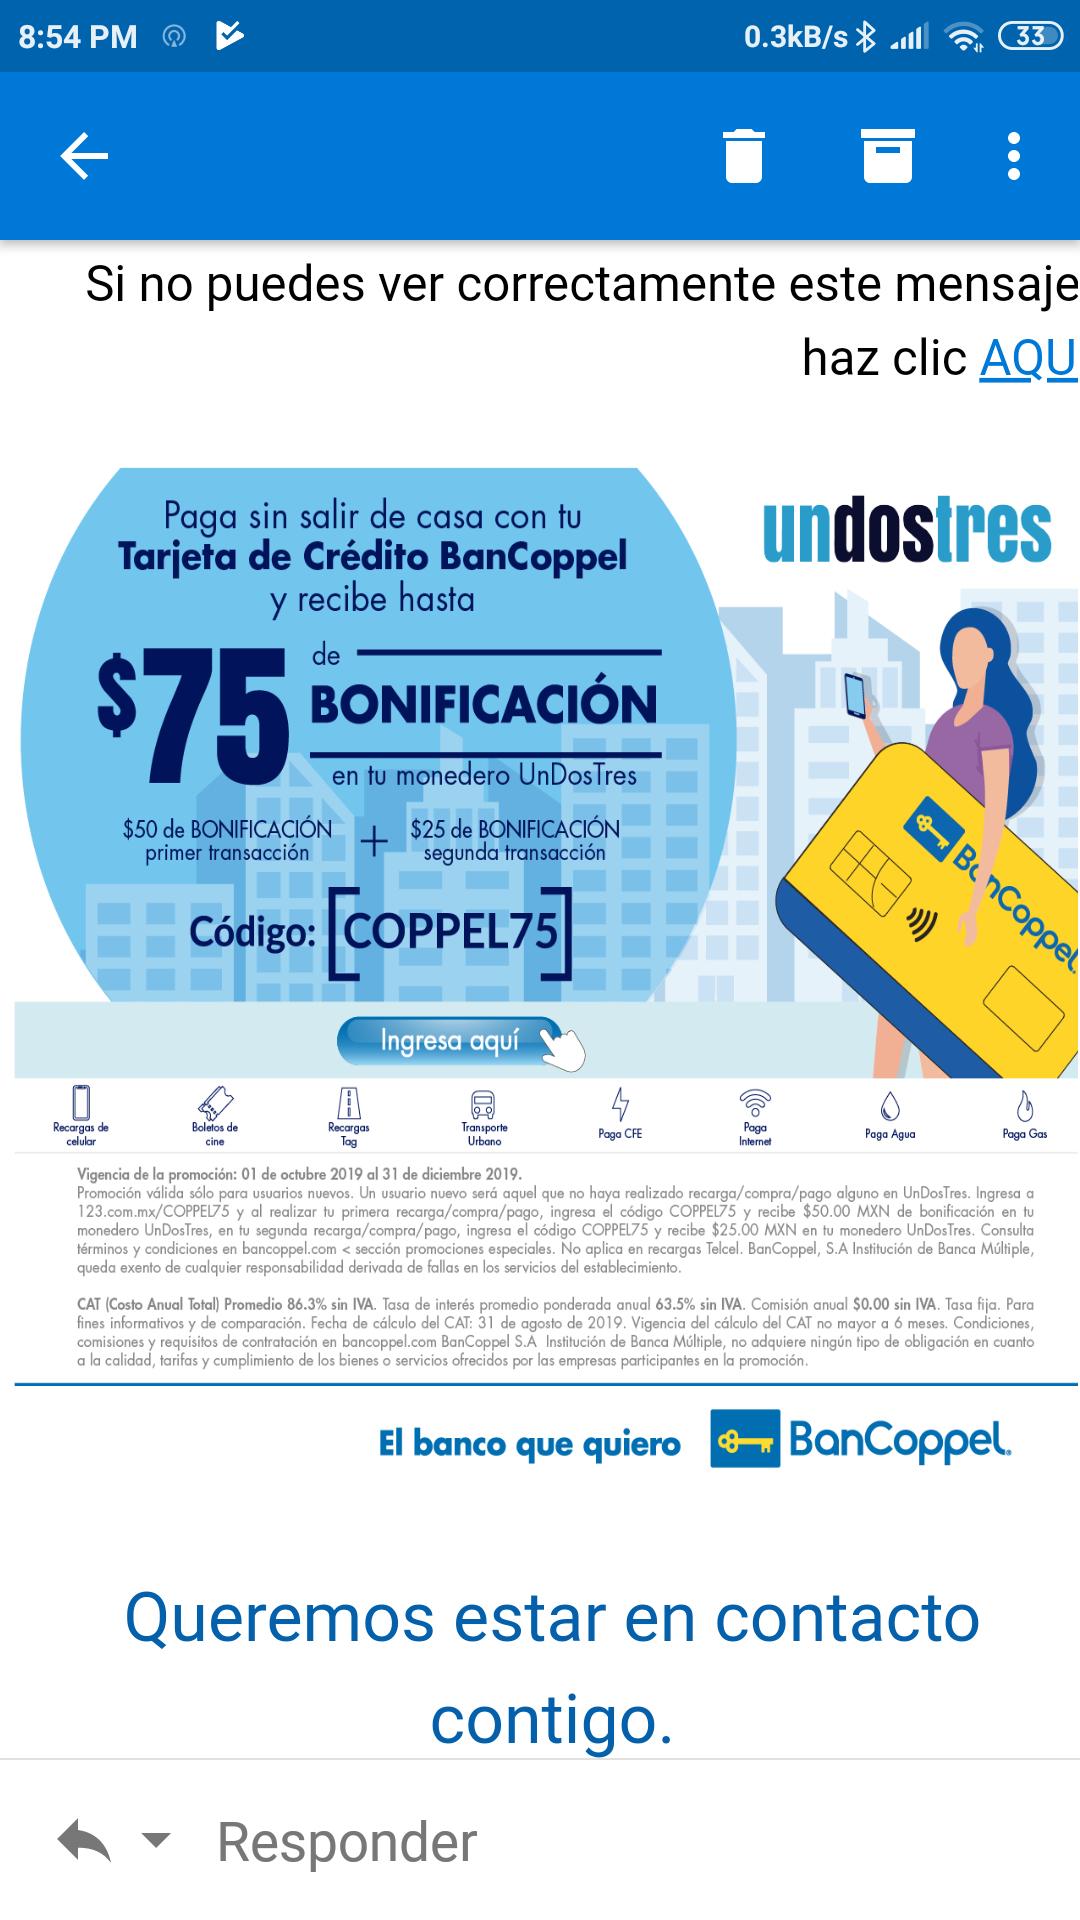 Unosdostres: Bonificación de $75 en monedero pagando con Bancoppel